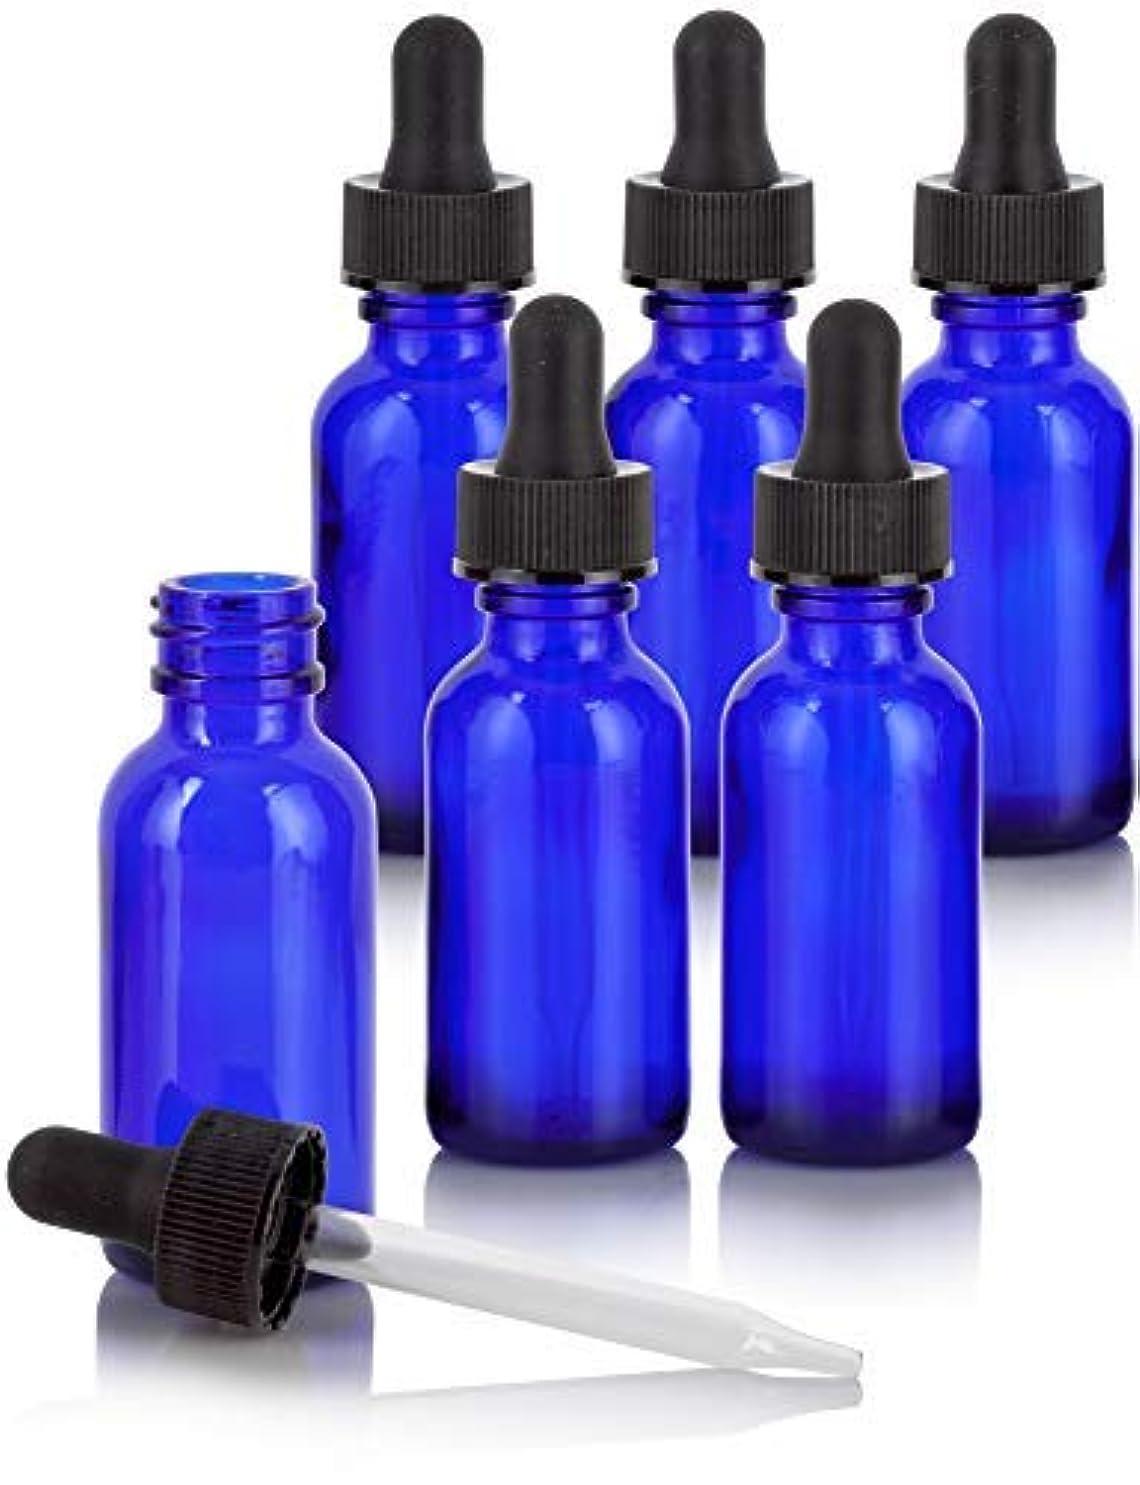 追い付く恨み切手1 oz Cobalt Blue Glass Boston Round Dropper Bottle (6 Pack) + Funnel and Labels for Essential Oils, Aromatherapy...